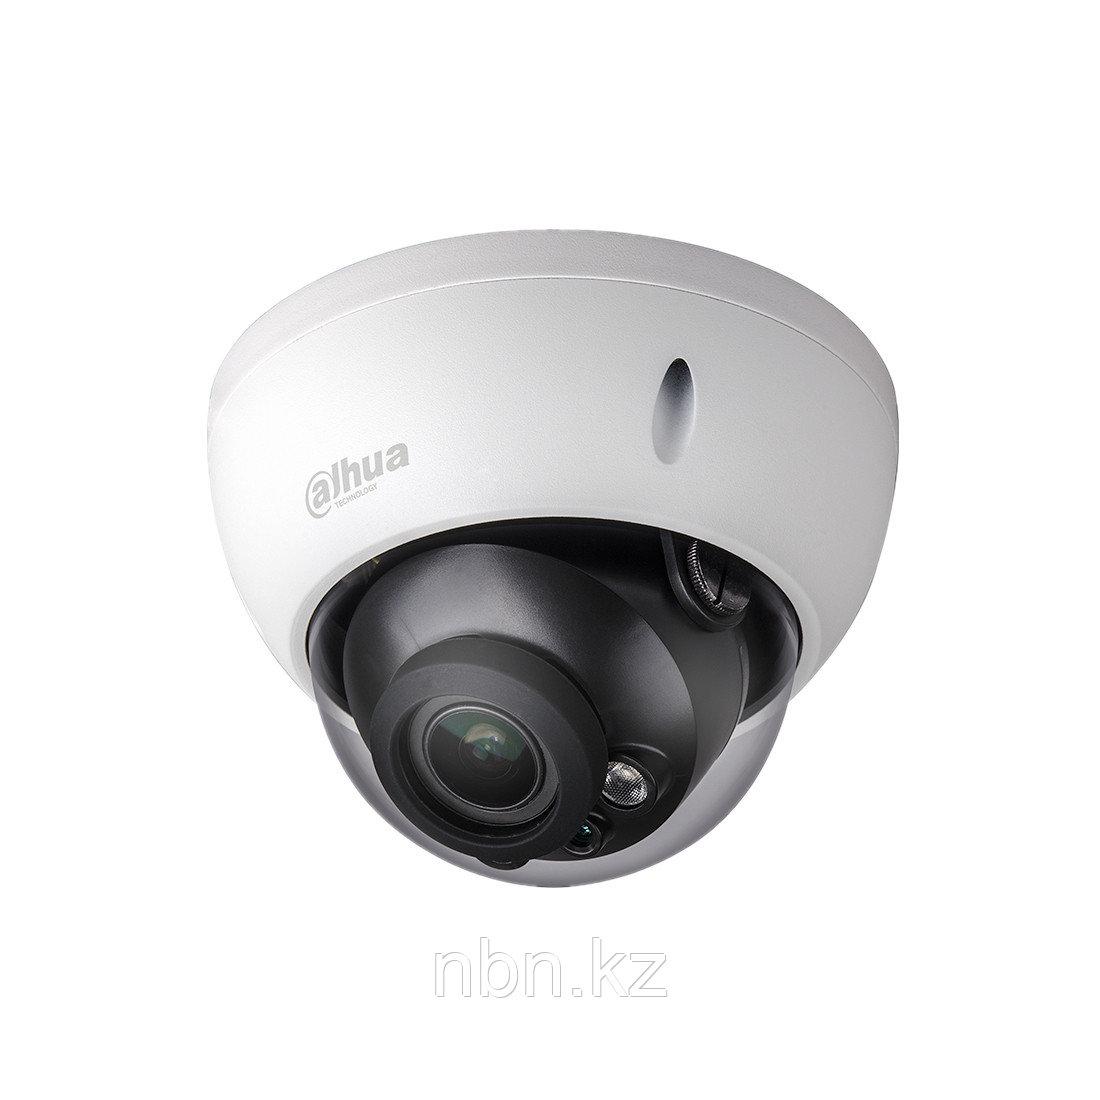 Купольная видеокамера Dahua DH-IPC-HDBW5231RP-ZE